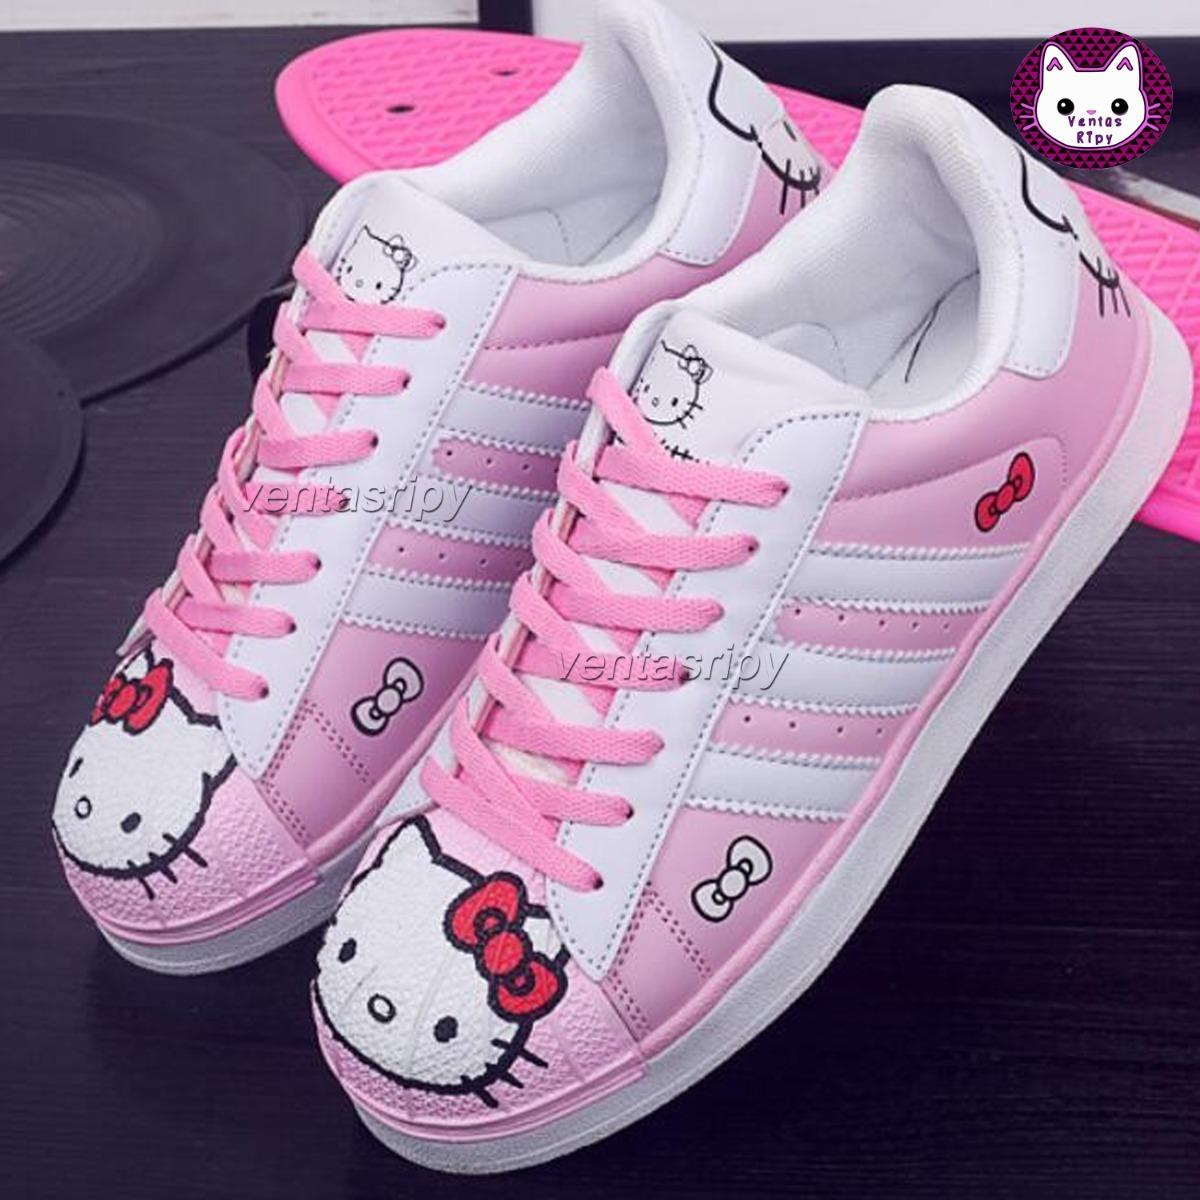 d8e8a473 Zapatillas Hello Kitty Sólo Talla 38 - S/ 170,00 en Mercado Libre